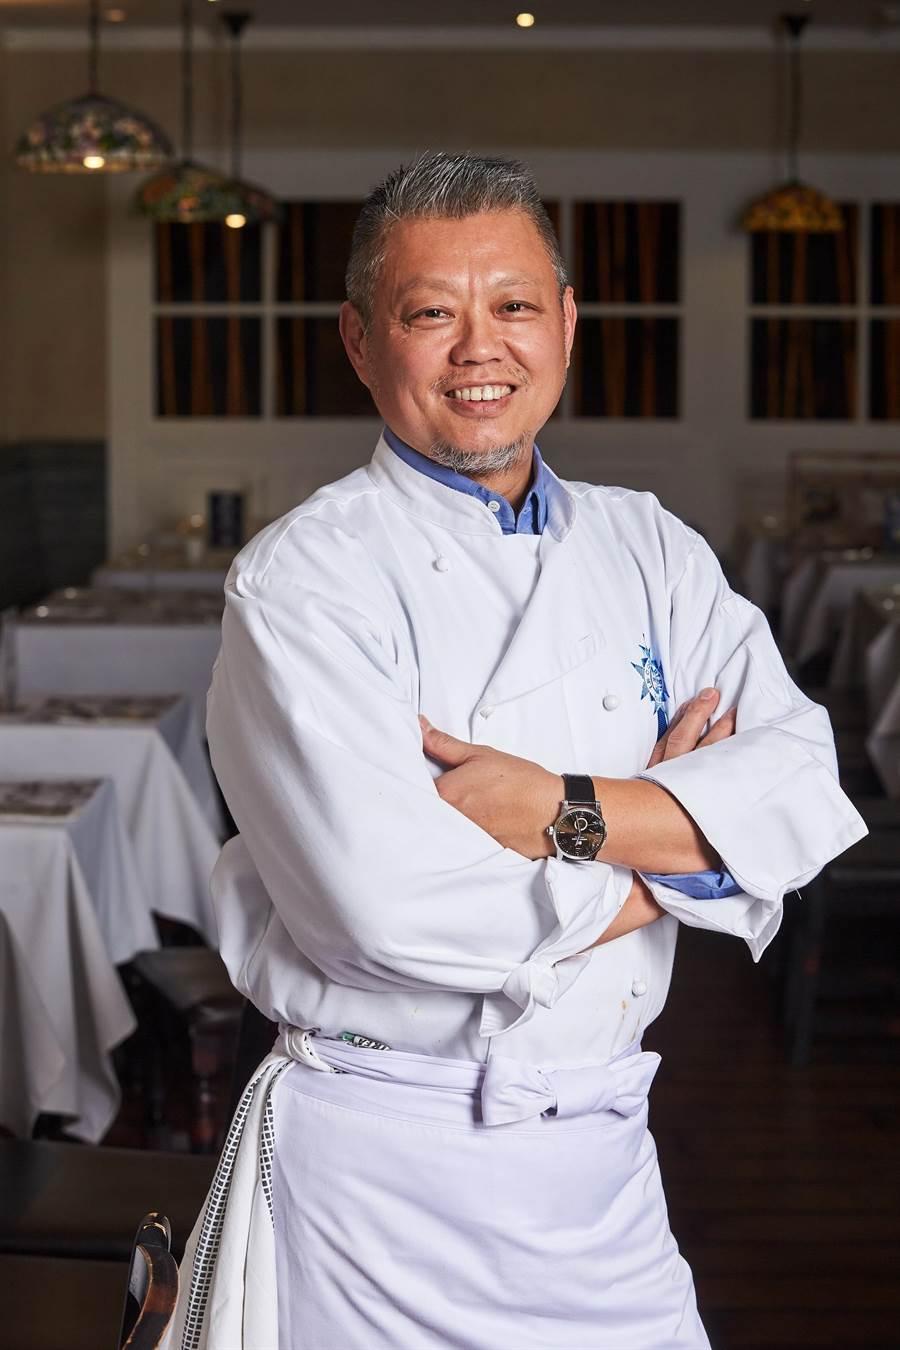 為了再造〈Mr. Onion〉,天蔥國際集團請到資深法名廚任全濰擔任廚藝總監,為品牌設計全新菜色。(圖/天蔥國際)